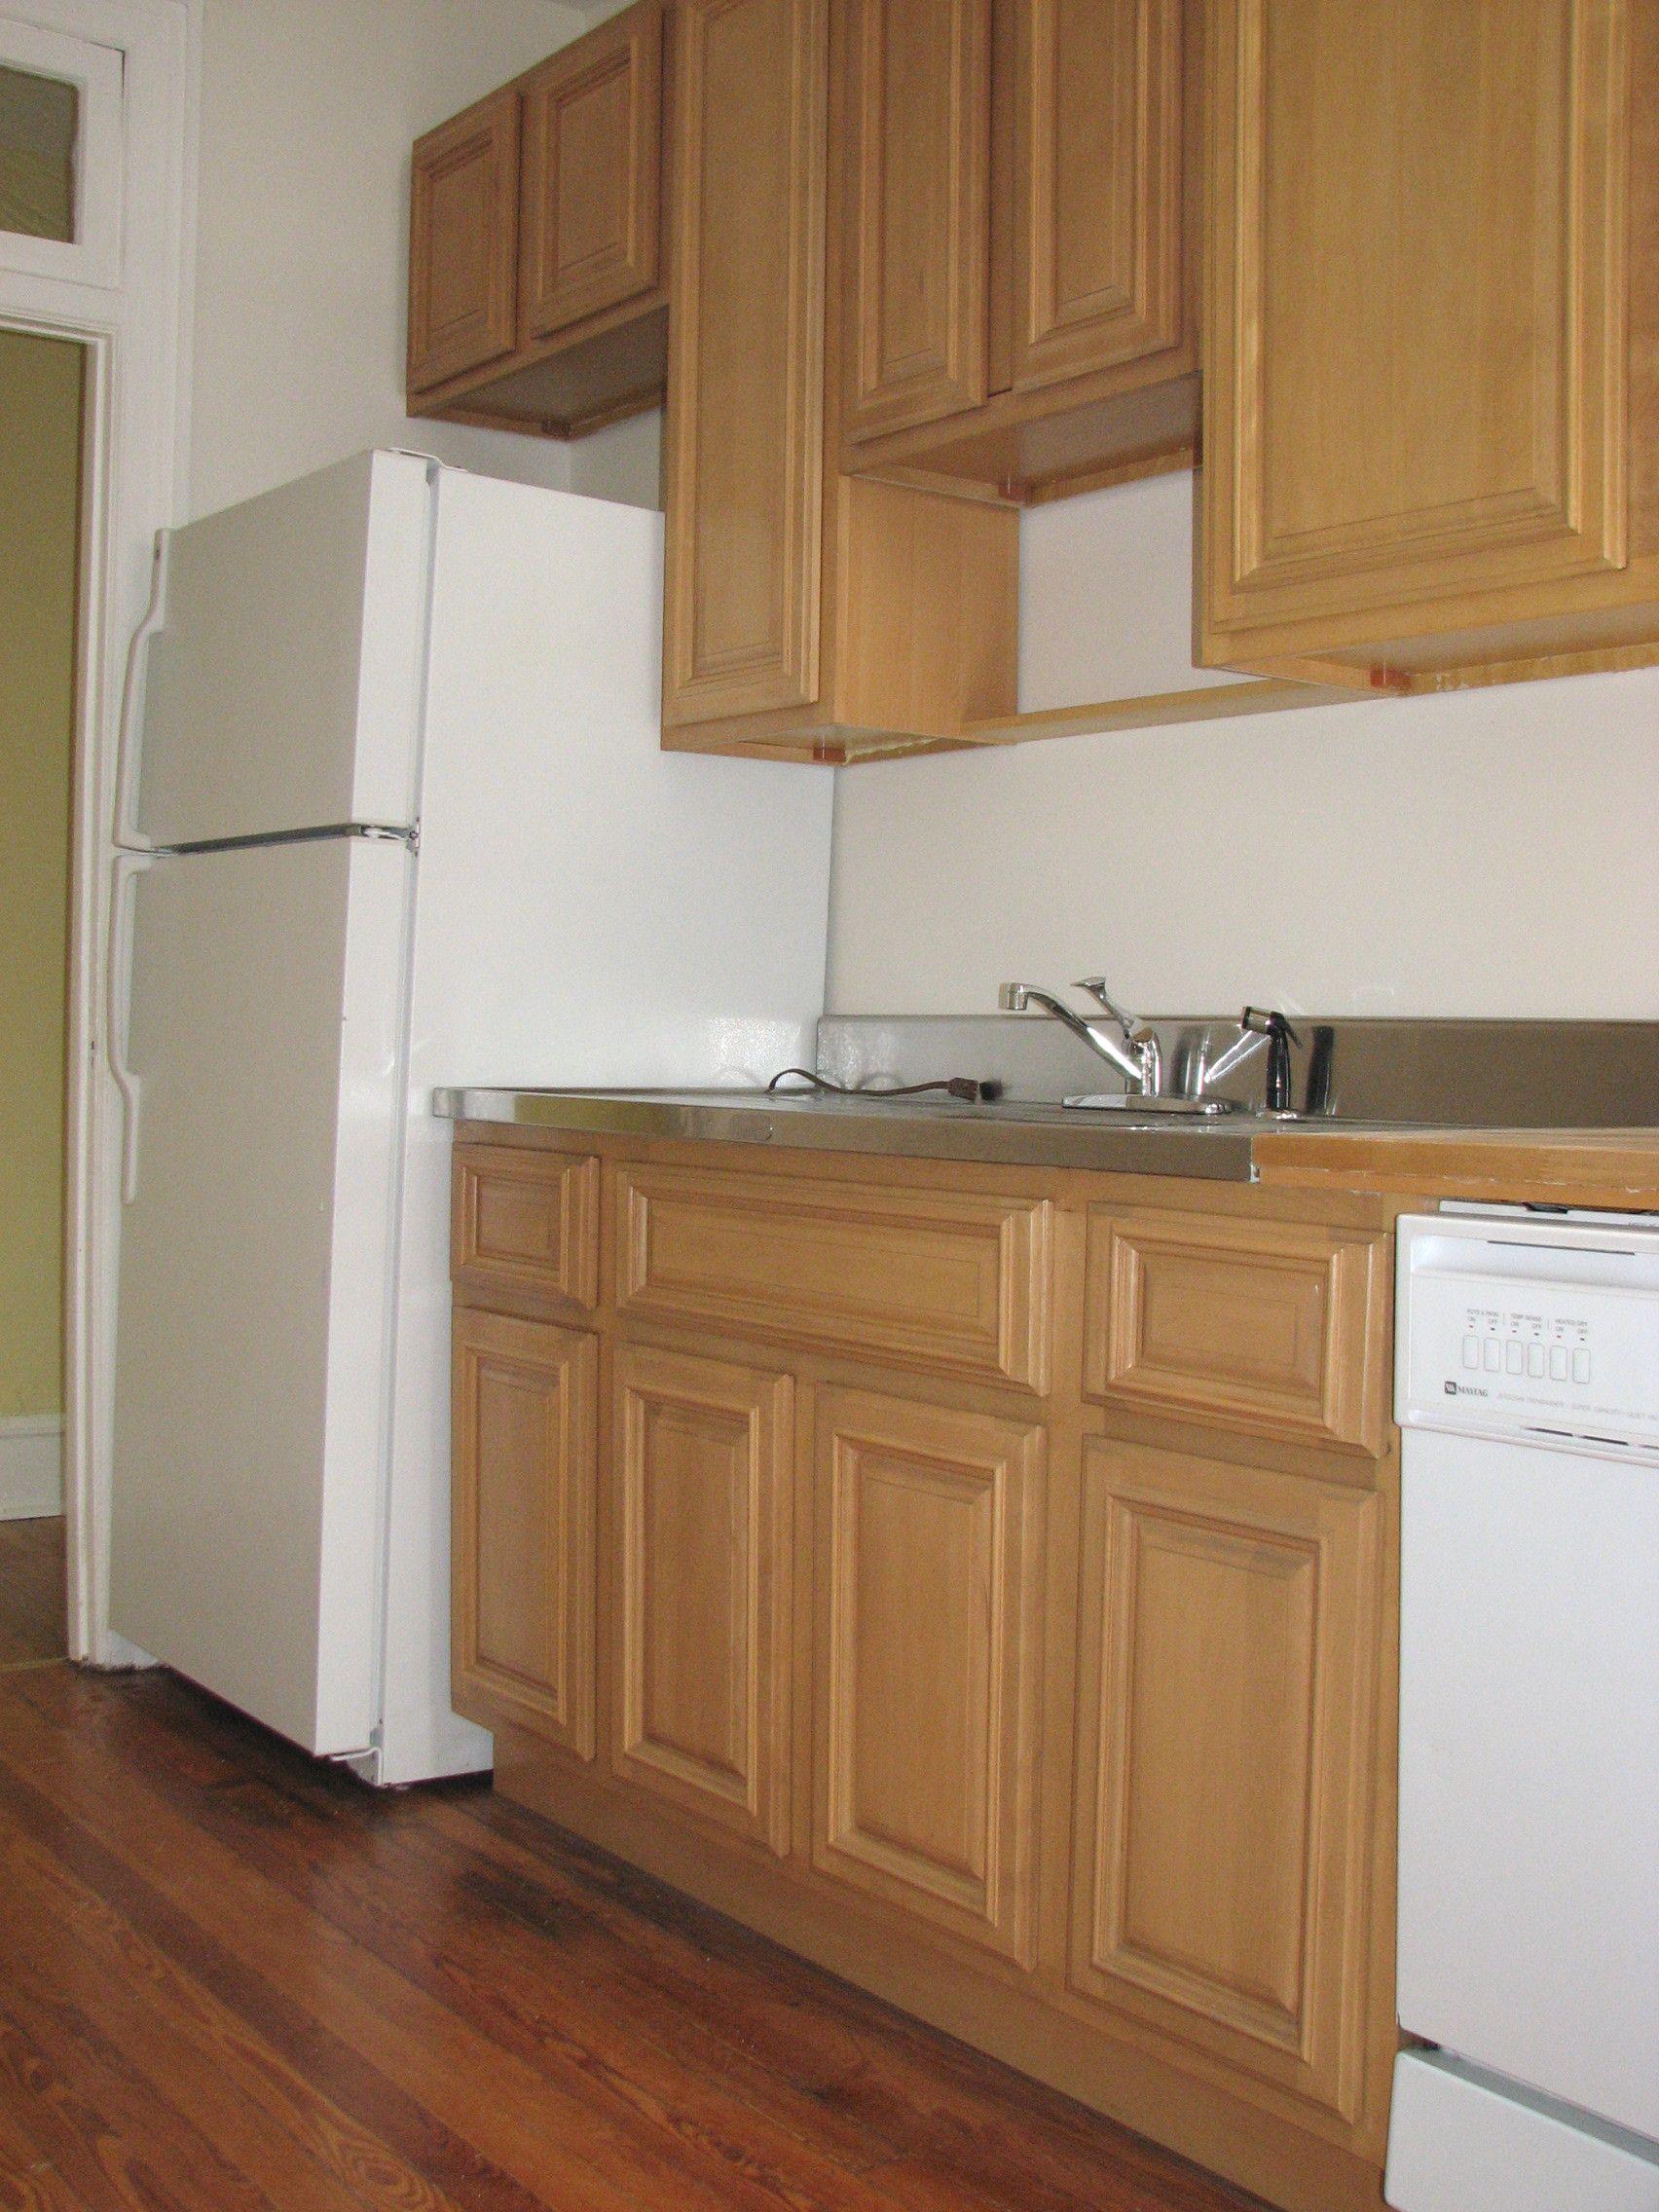 Best Honey Maple Kitchen Cabinets And Dark Floor 400 x 300